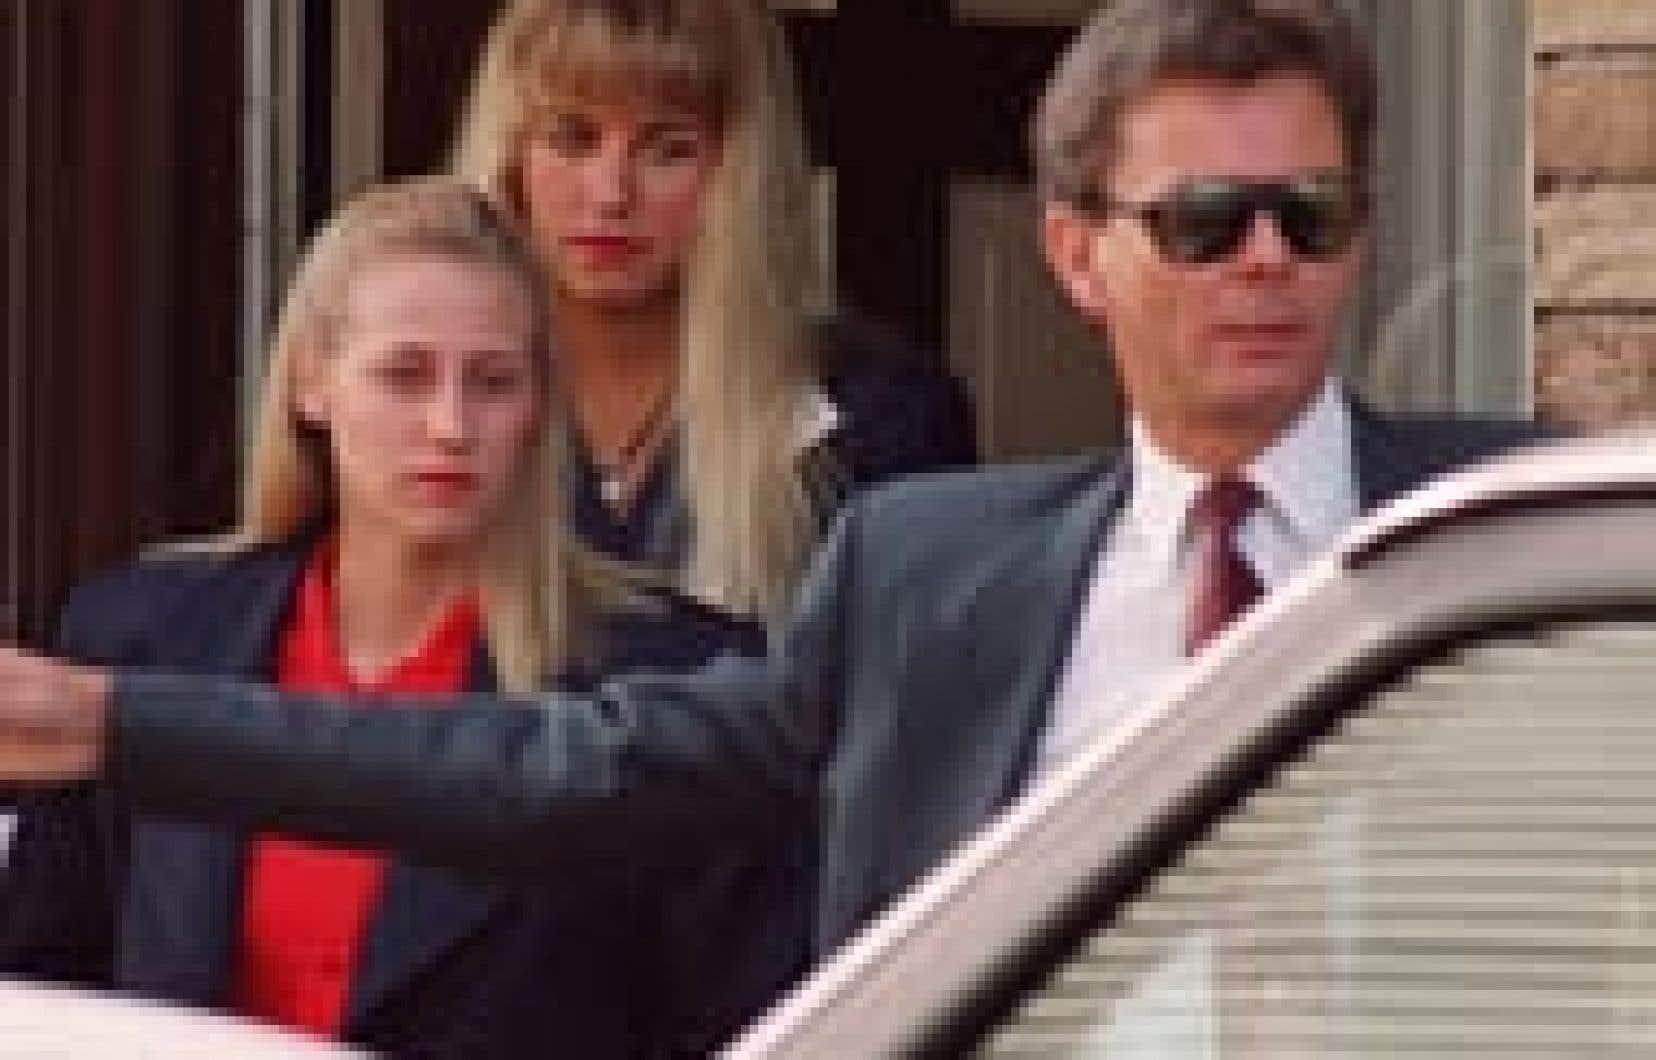 Karla Homolka (à l'arrière) est accompagnée de sa soeur Lori et d'un policier à la sortie de la maison familiale, le 30 juin 1993. Homolka se rendait au palais de justice pour y subir son procès pour le meurtre de Kristen French et de Leslie Mah